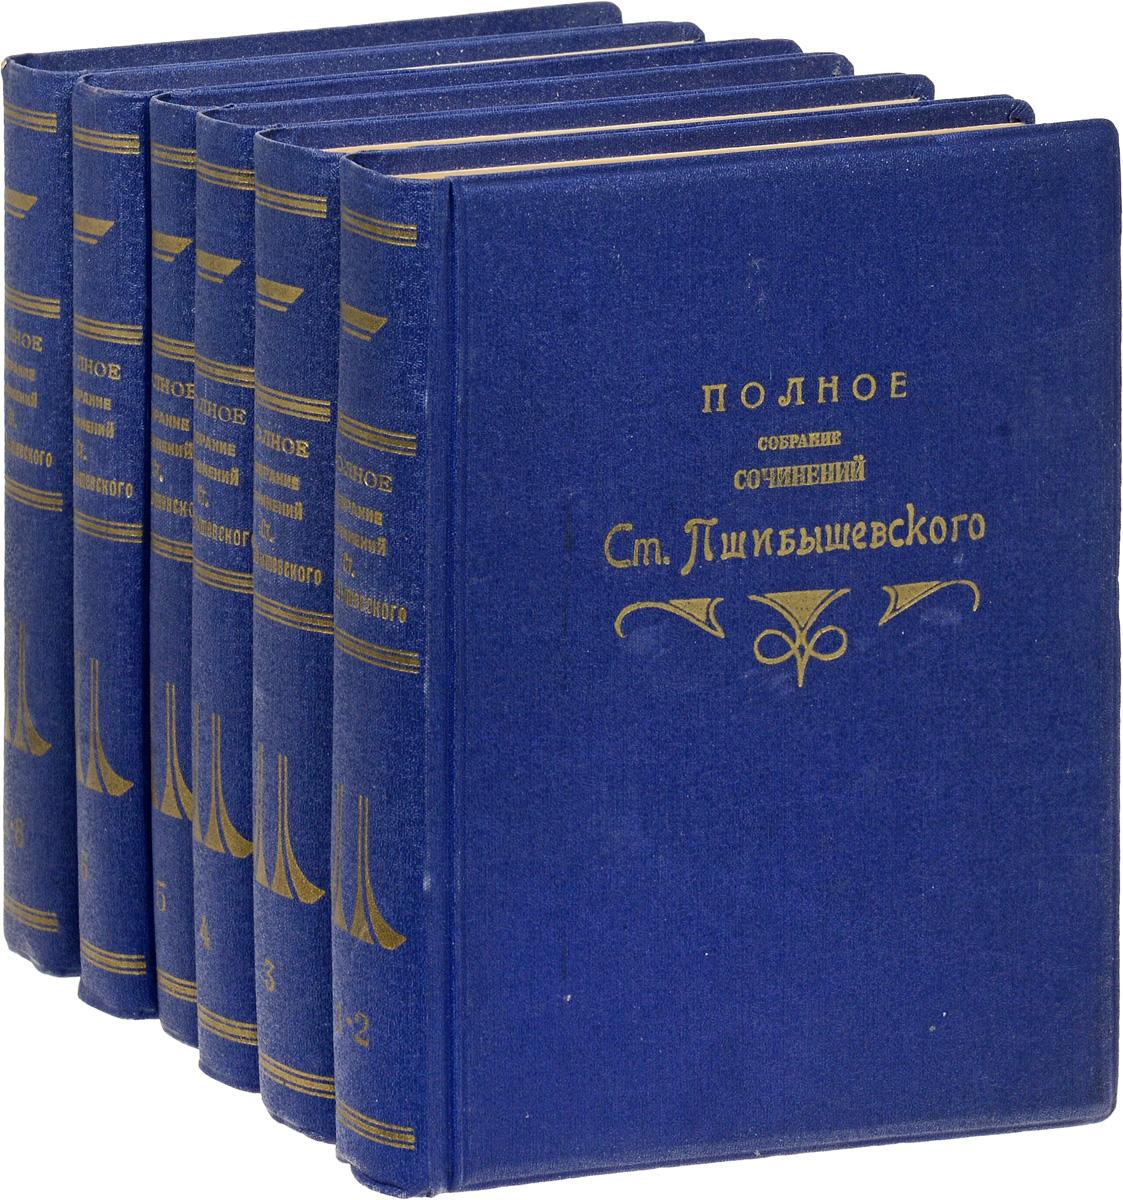 Ст. Пшибышевский. Полное собрание сочинений. В 8 томах (комплект из 6 книг) полное собрание сочинений и писем в 22 томах комплект из 22 книг